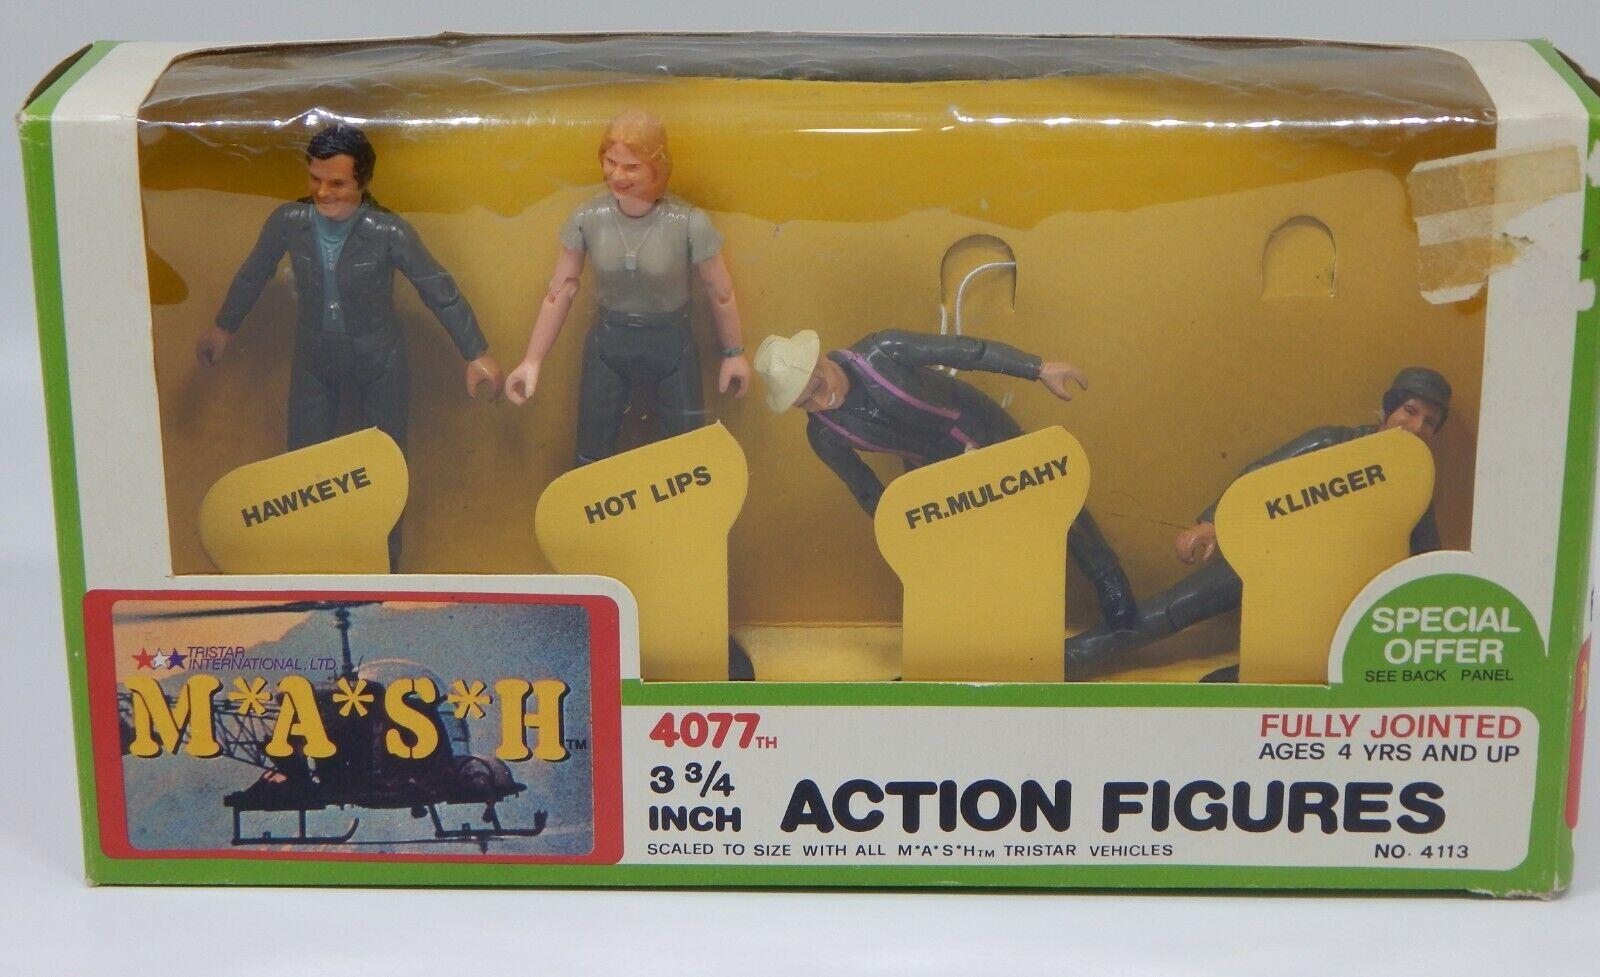 compra limitada Raro 1982 Vintage TriEstrella TriEstrella TriEstrella Mash 4 Acción Figura Set 4077th M.A.S.H. Menta en caja Klinger +  Más asequible